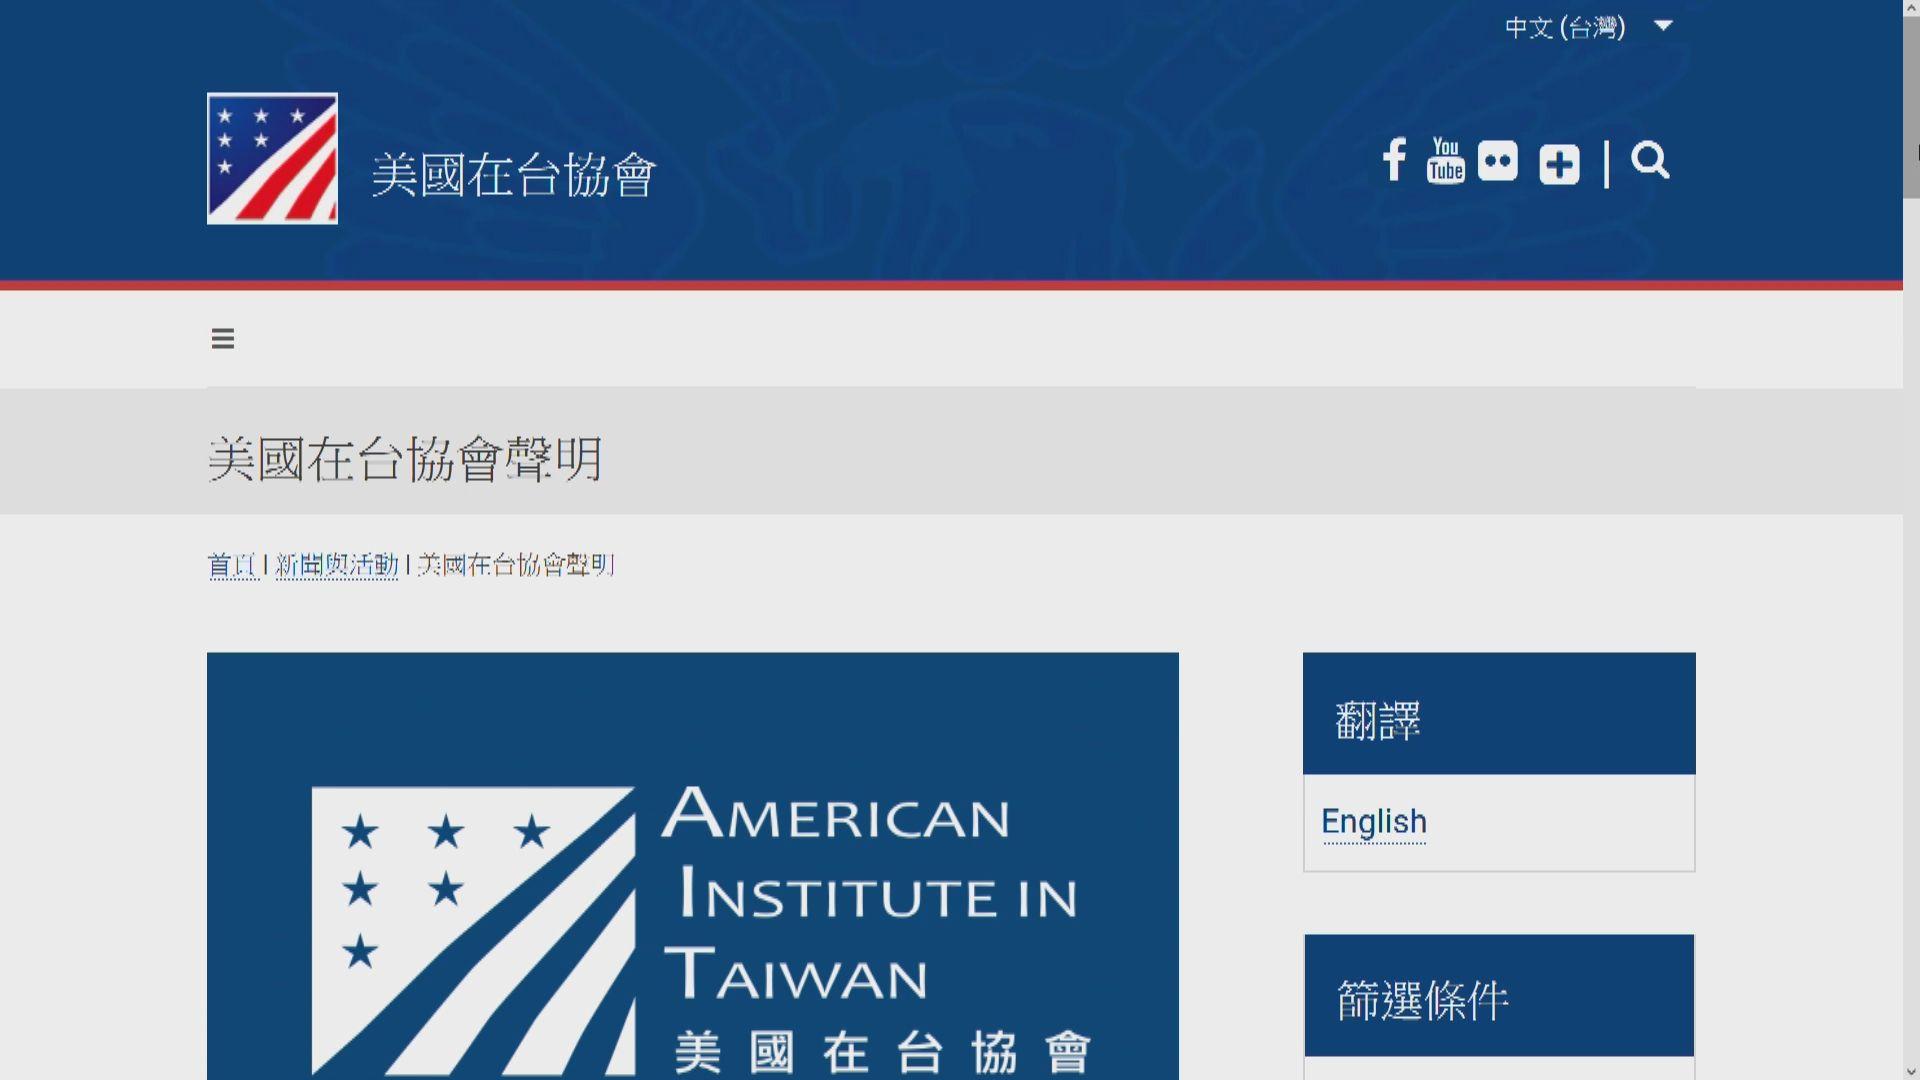 台以台灣而非台北在立陶宛名義設代表處 北京指堅決反對建交國與台有官方往來